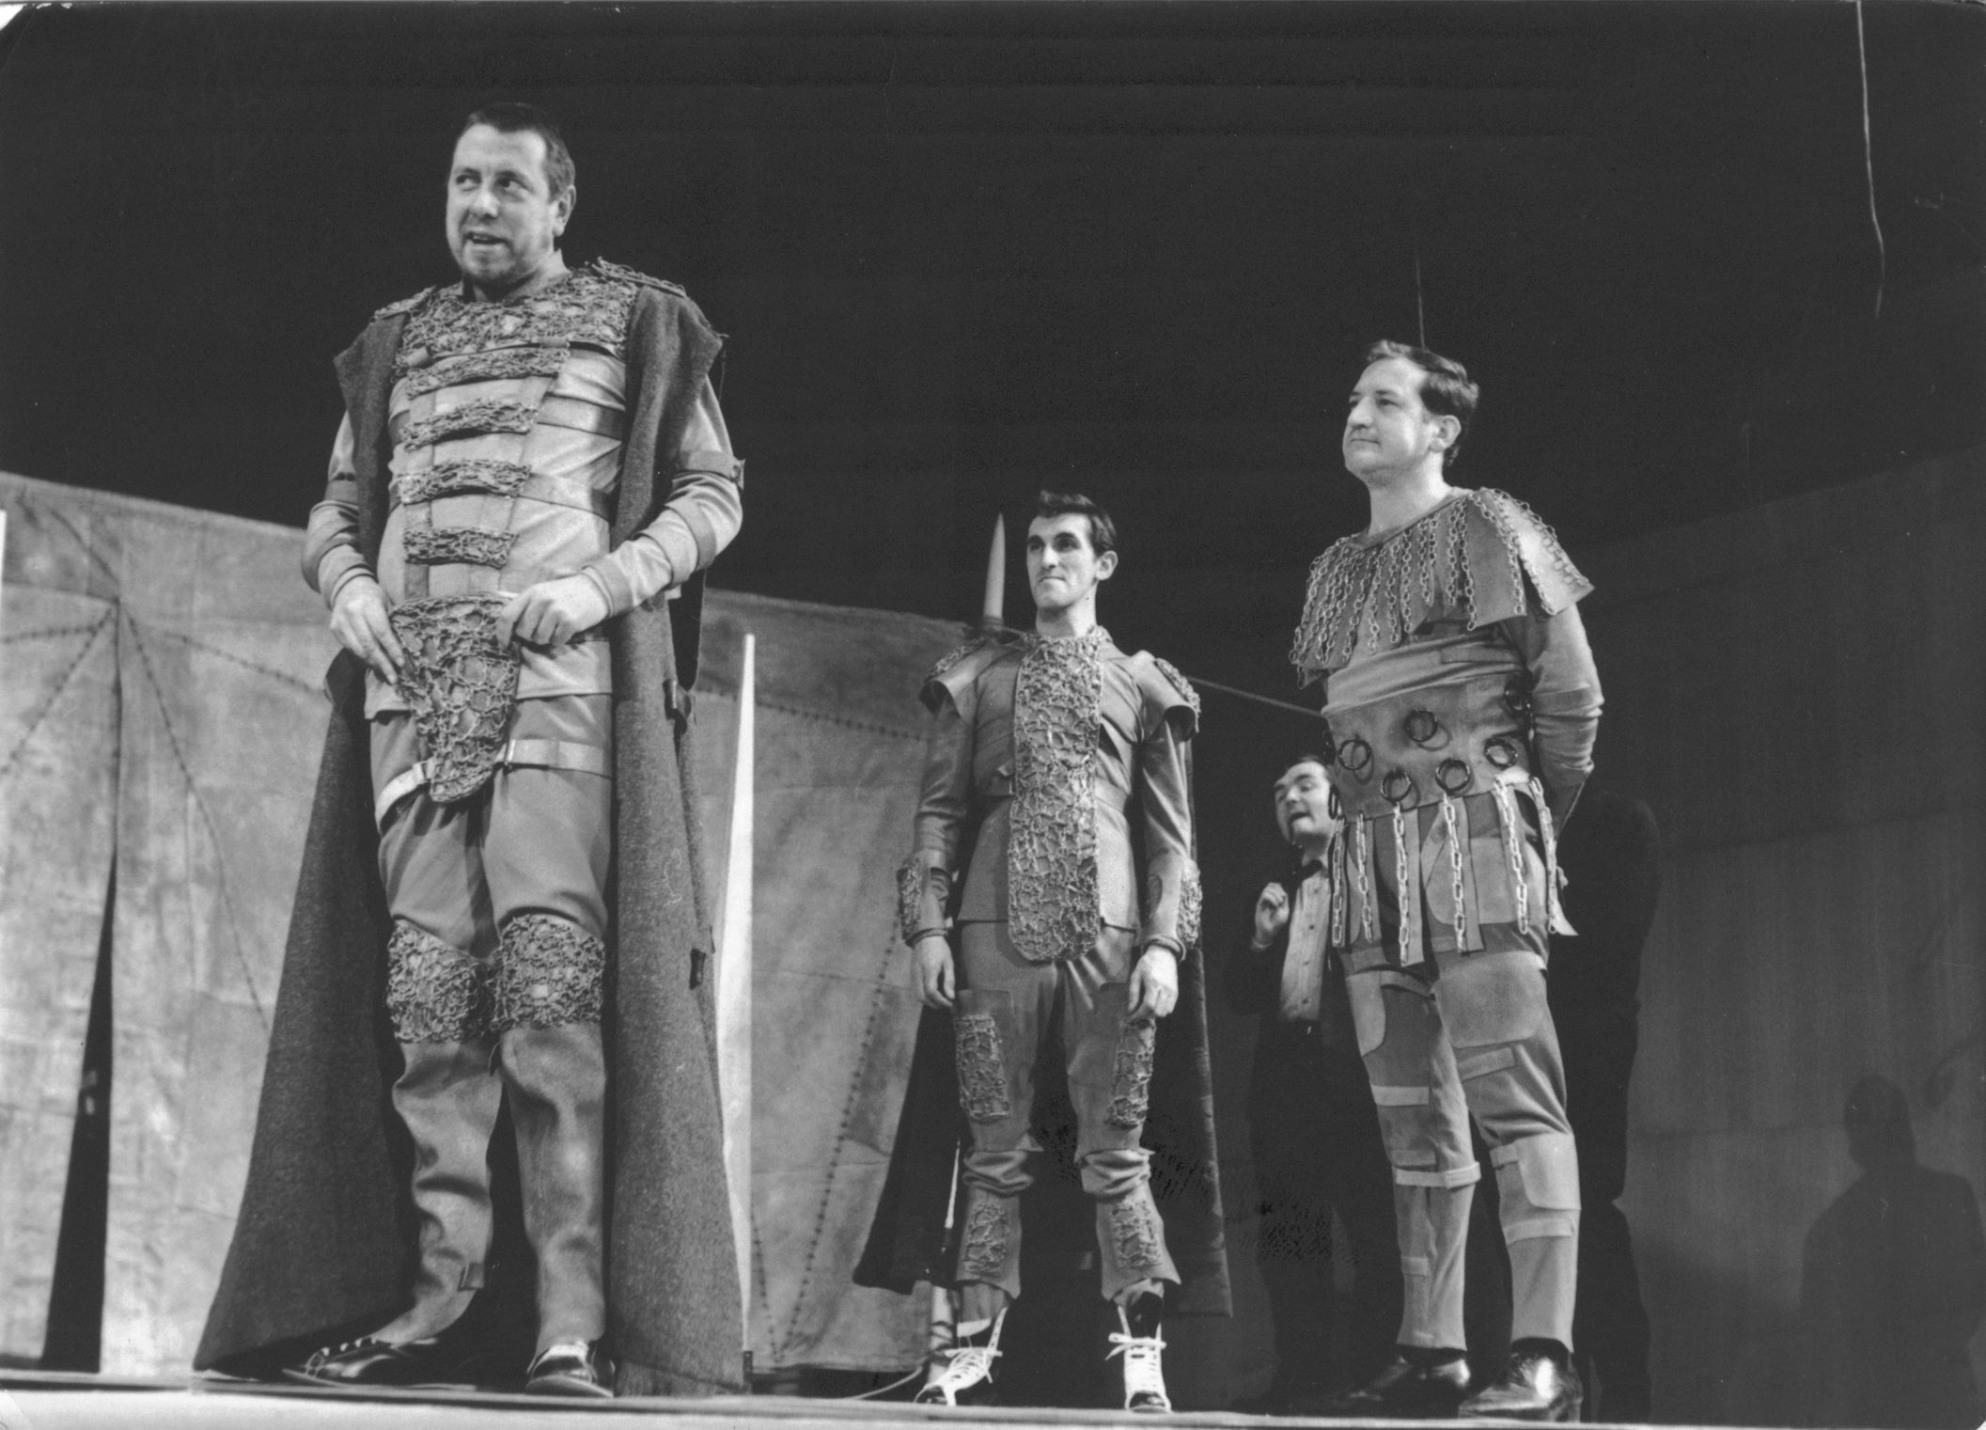 Агамемнон (Жак Алрич), Менелай (Жиллес Шавассэ) и Аякс (Жорж Стракэ) в постановке Р. Планшона «Троила и Крессида» в Лионе